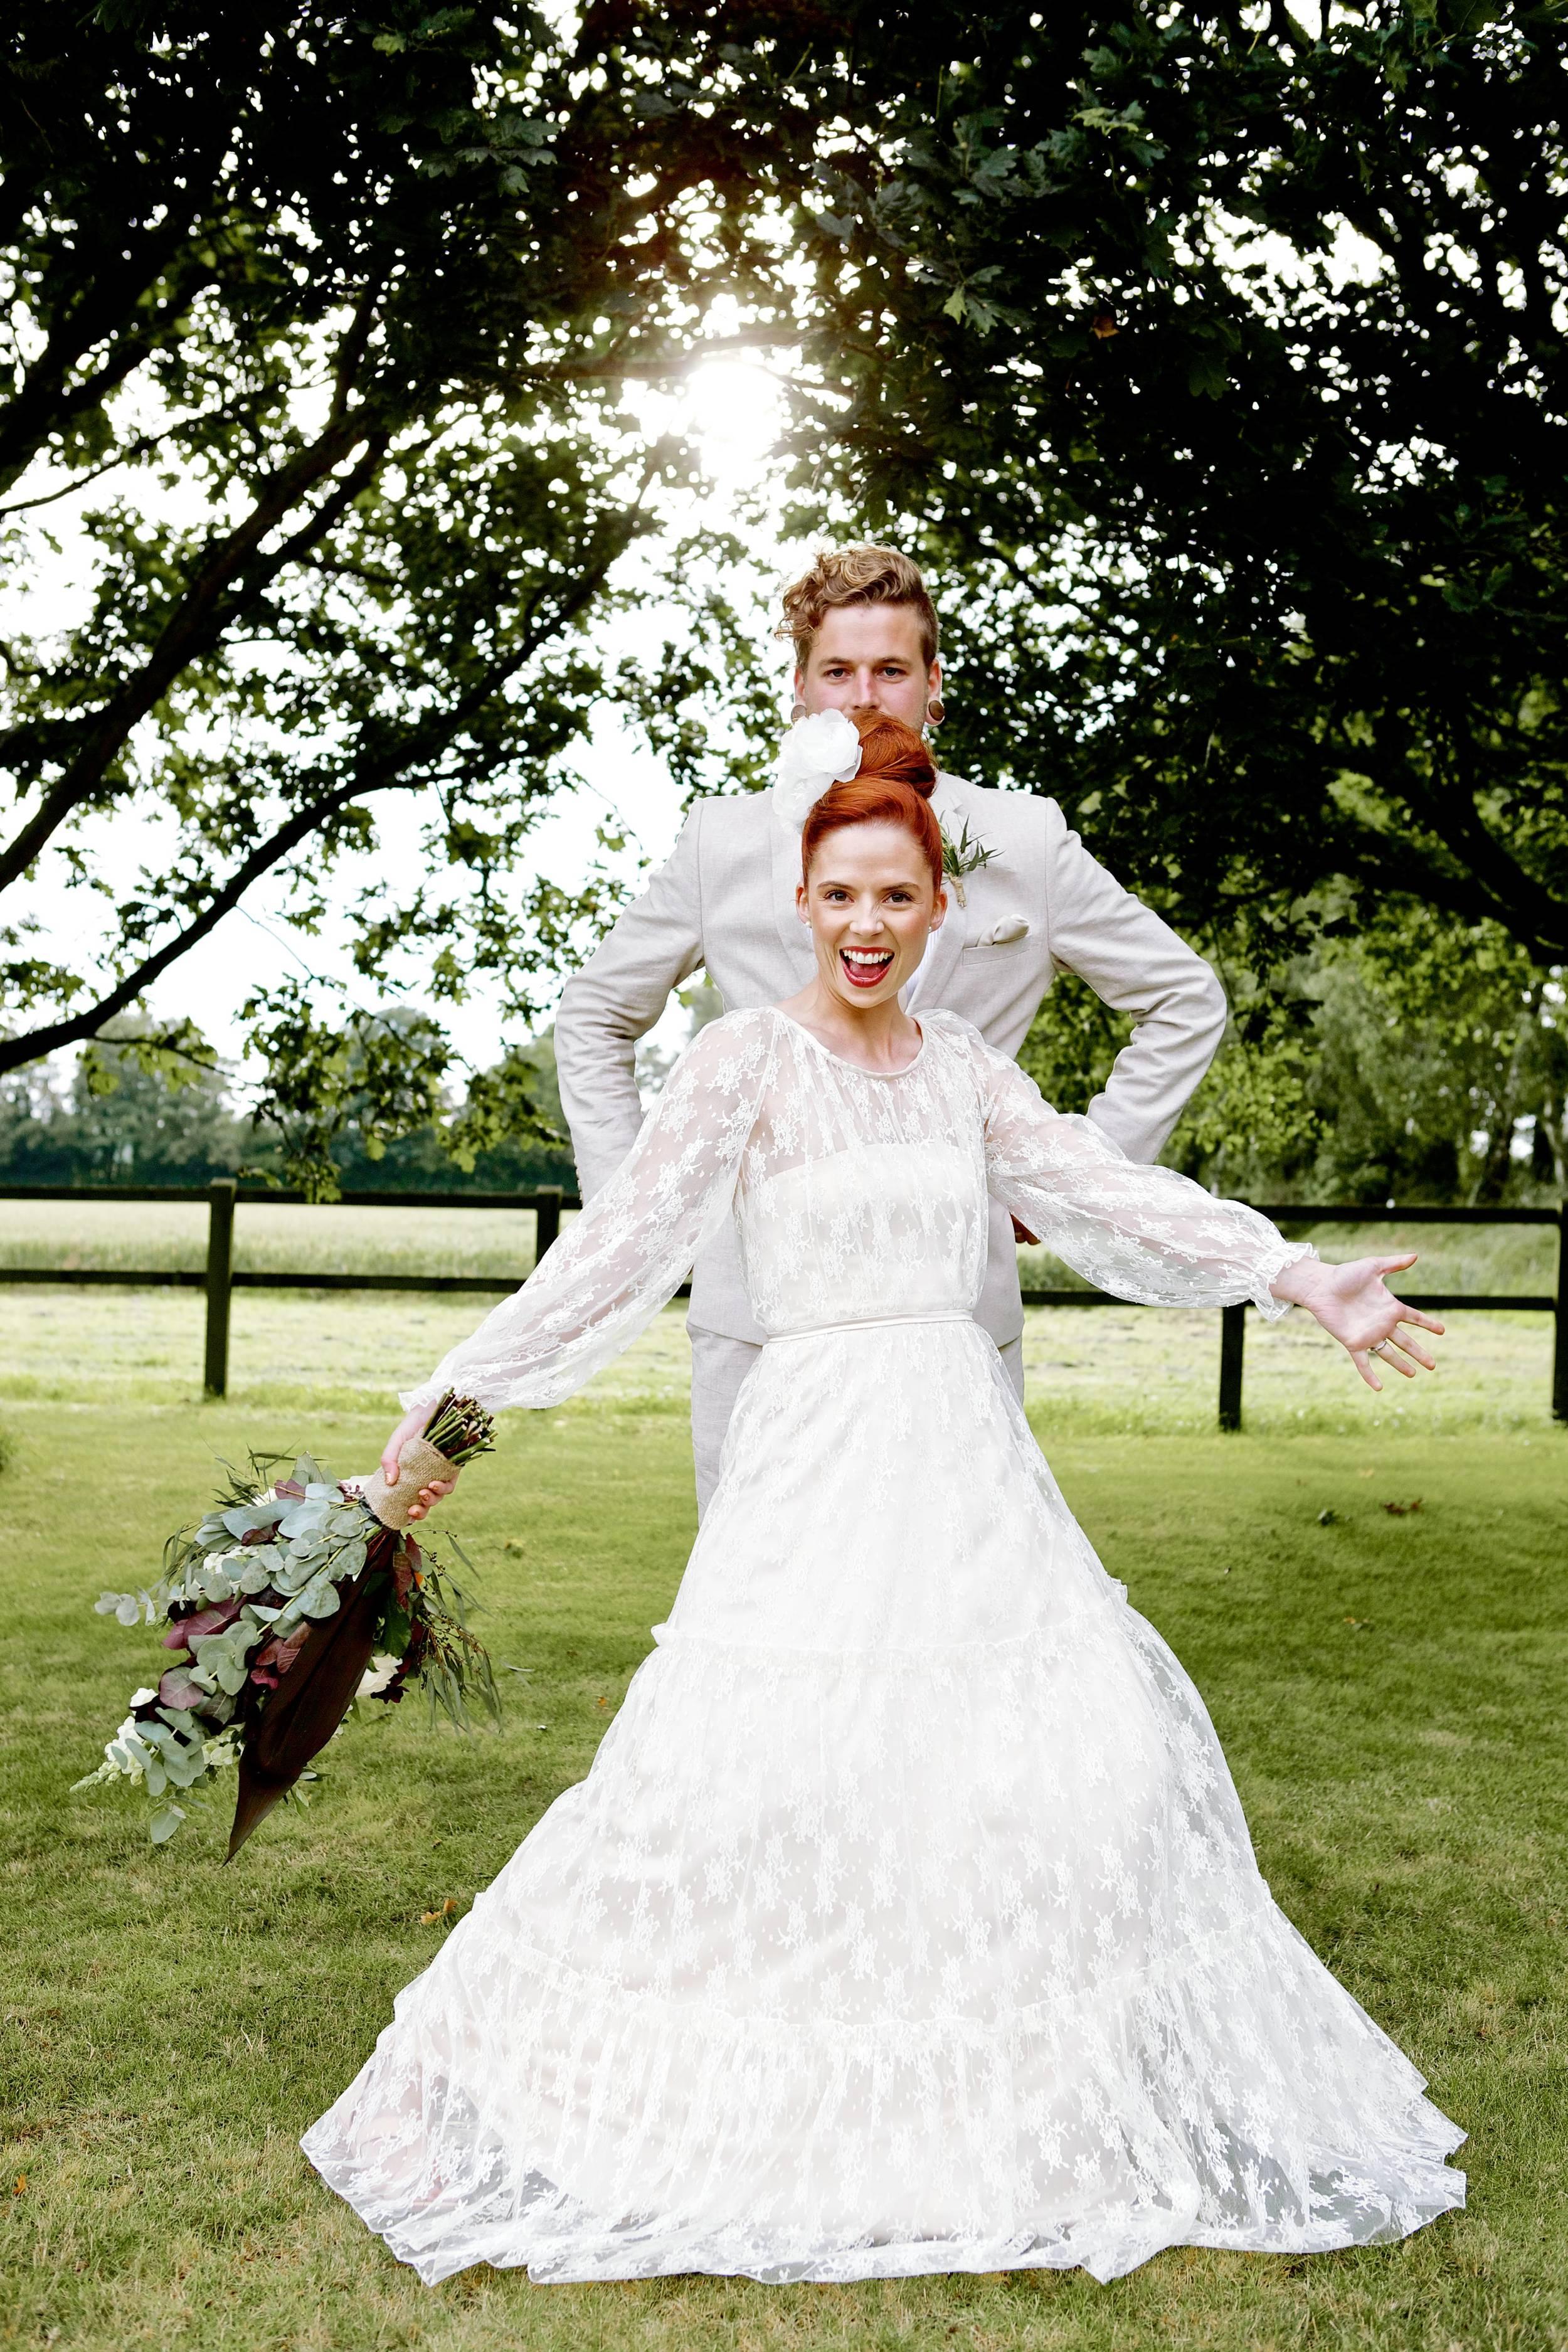 Hill_Wedding_3O5A6119.jpg